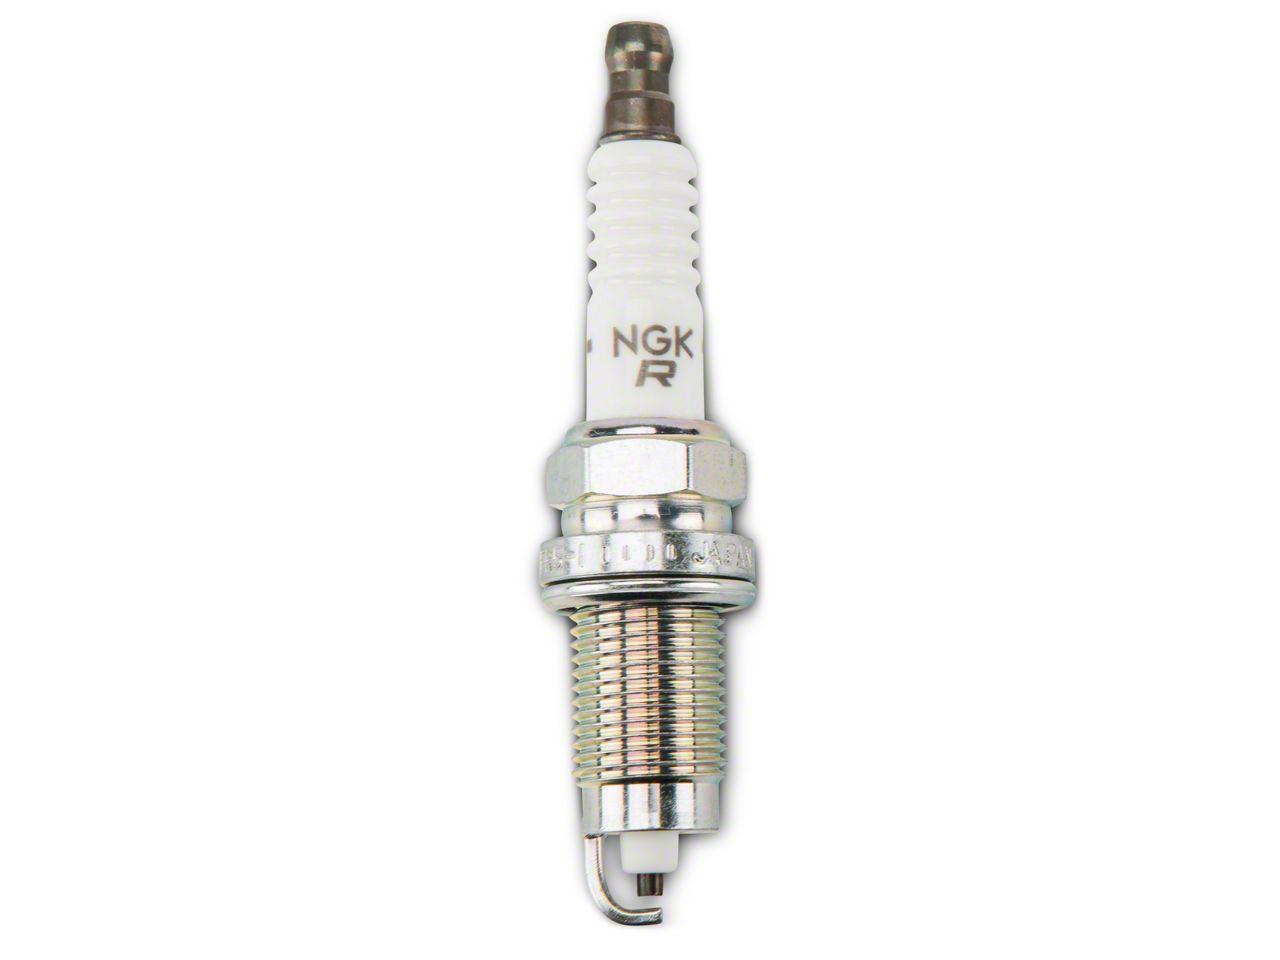 NGK V-Power Spark Plug - 2.5L/4.0L (87-02 2.5L, 91-98 4.0L Jeep Wrangler TJ & YJ)